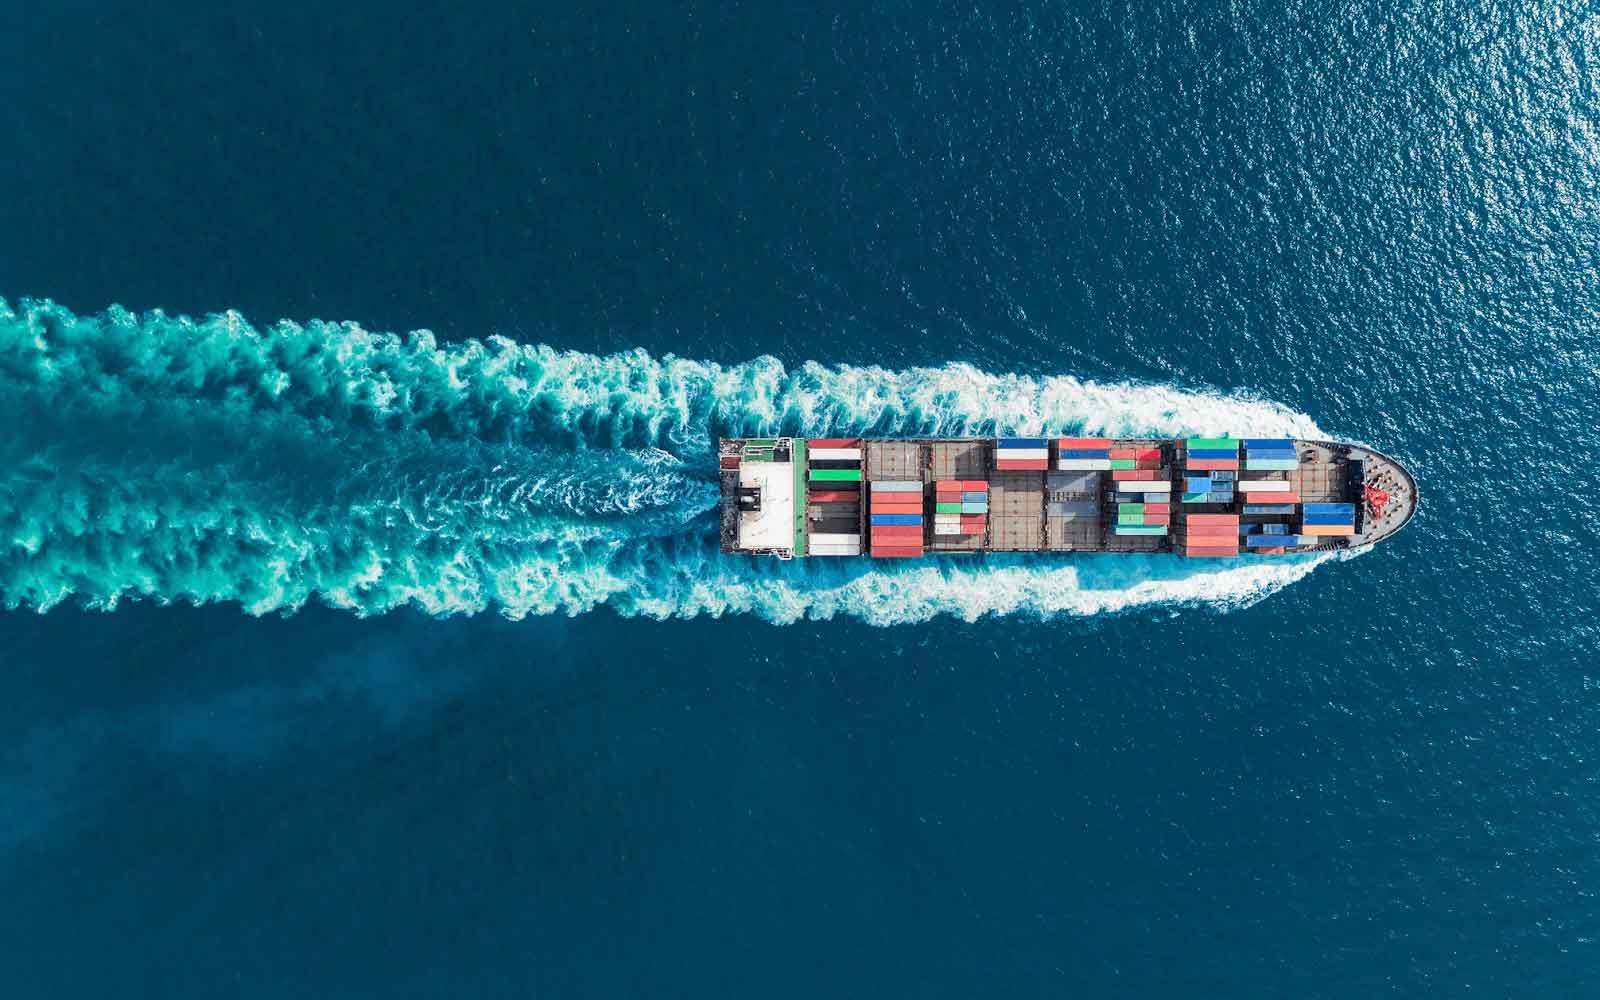 Quy trình nhập khẩu hàng hóa bằng đường biển